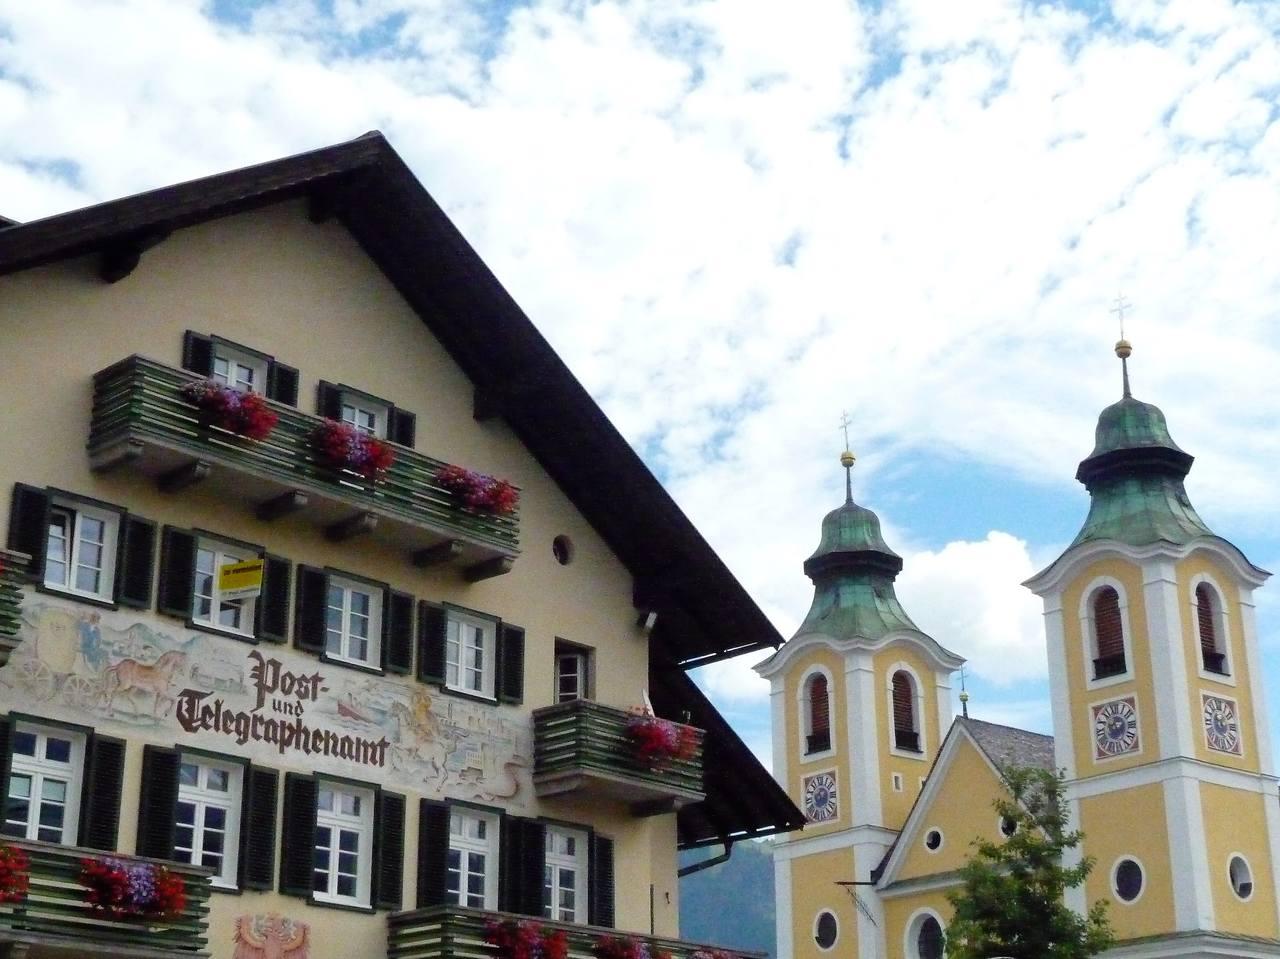 St. Johann -25-8-08 (8)